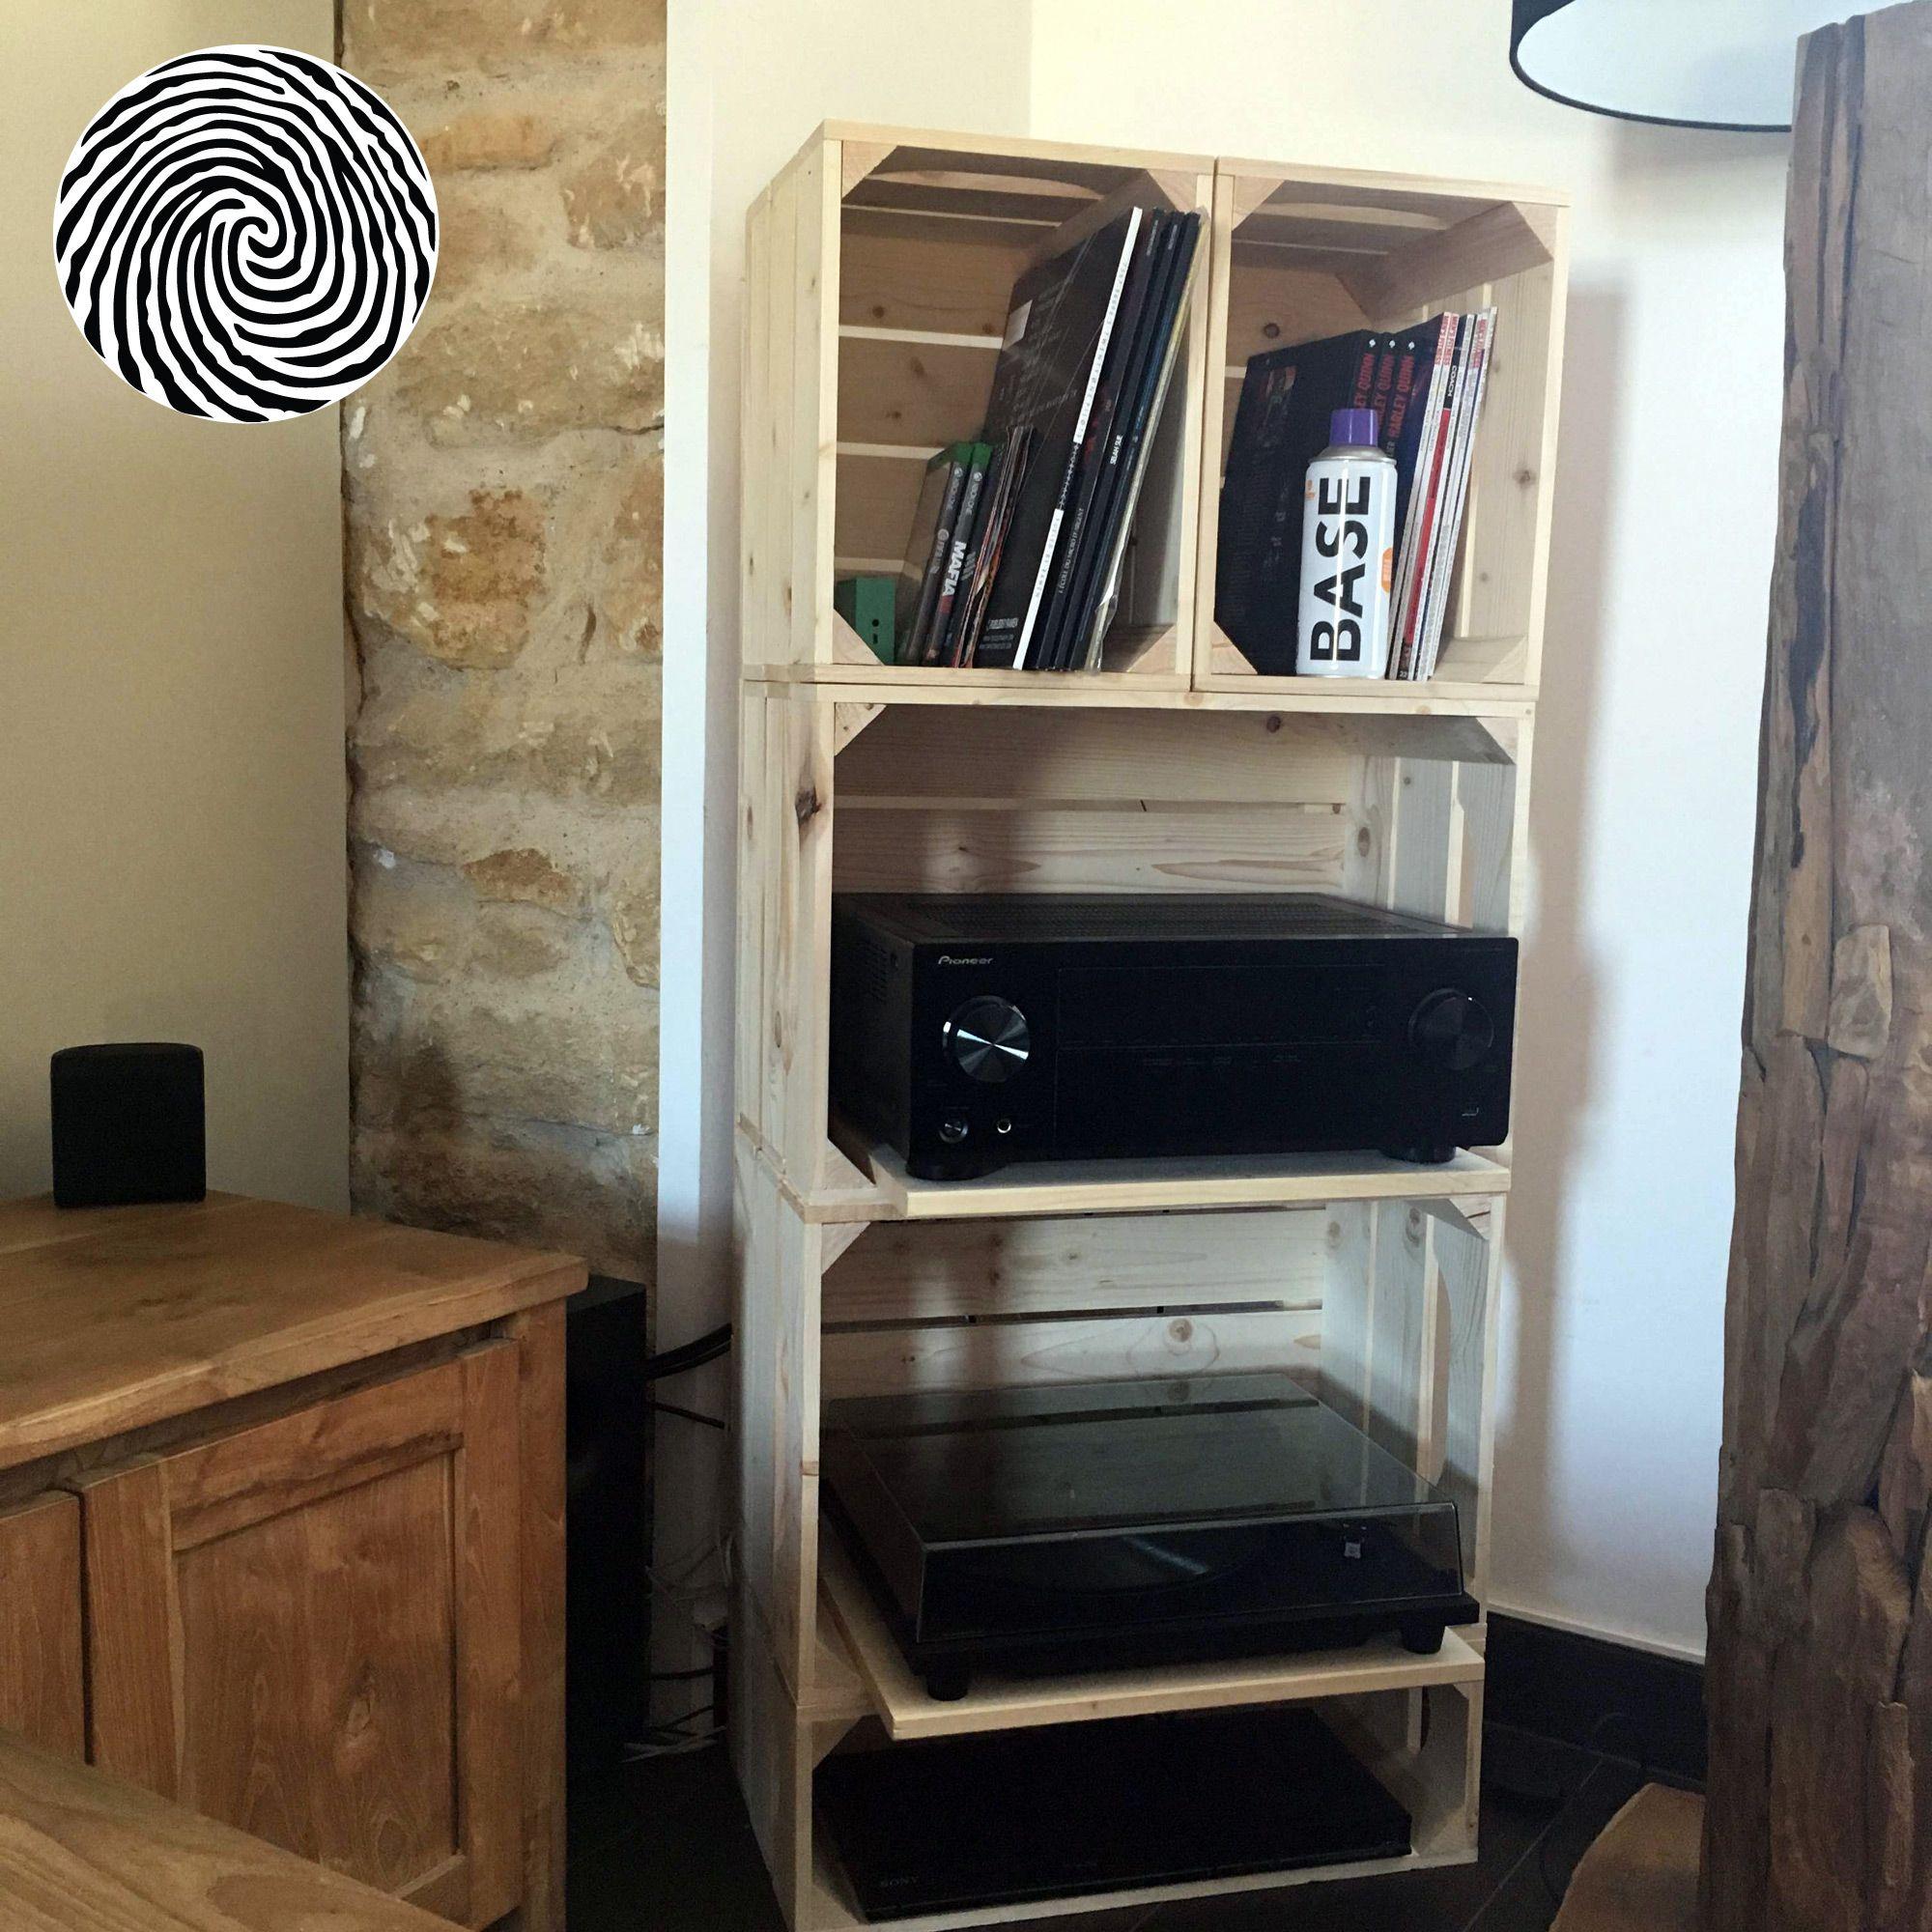 meuble tv cagette stunning assembler les lments with meuble tv cagette cool meuble tv. Black Bedroom Furniture Sets. Home Design Ideas